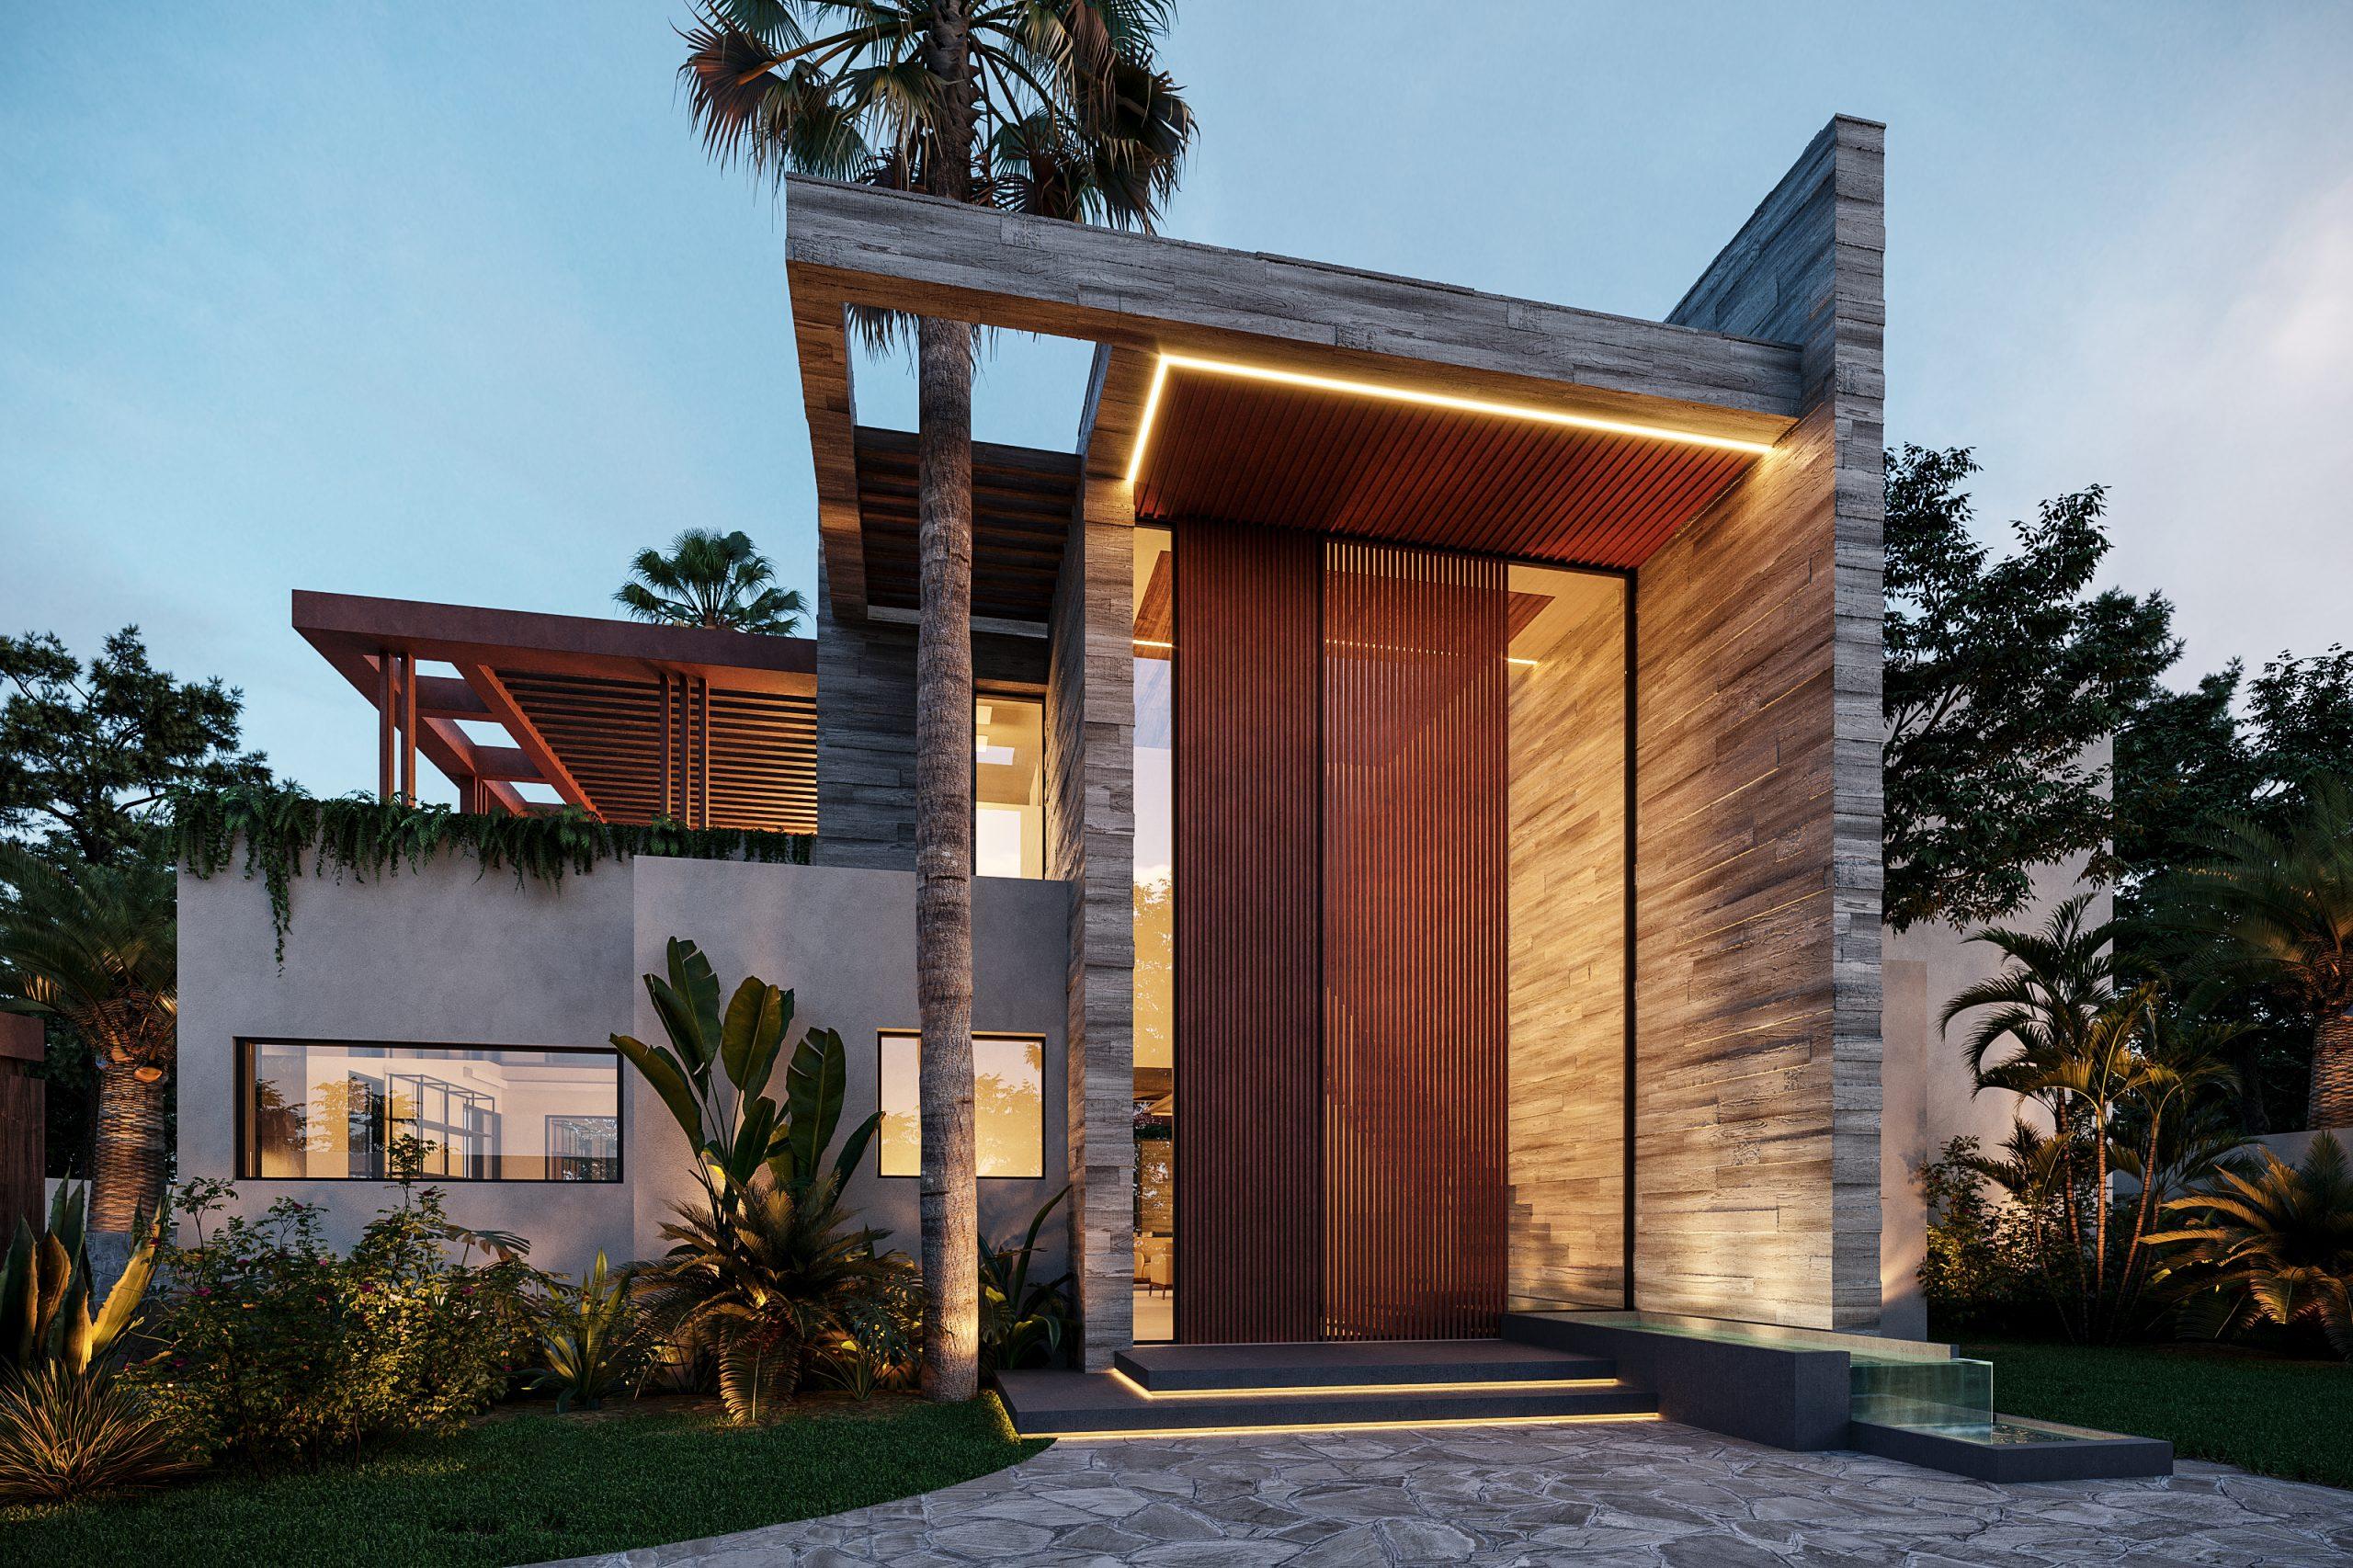 Vivienda diseñada por Archidom Studio en Marbella/Foto: Archidom Studio